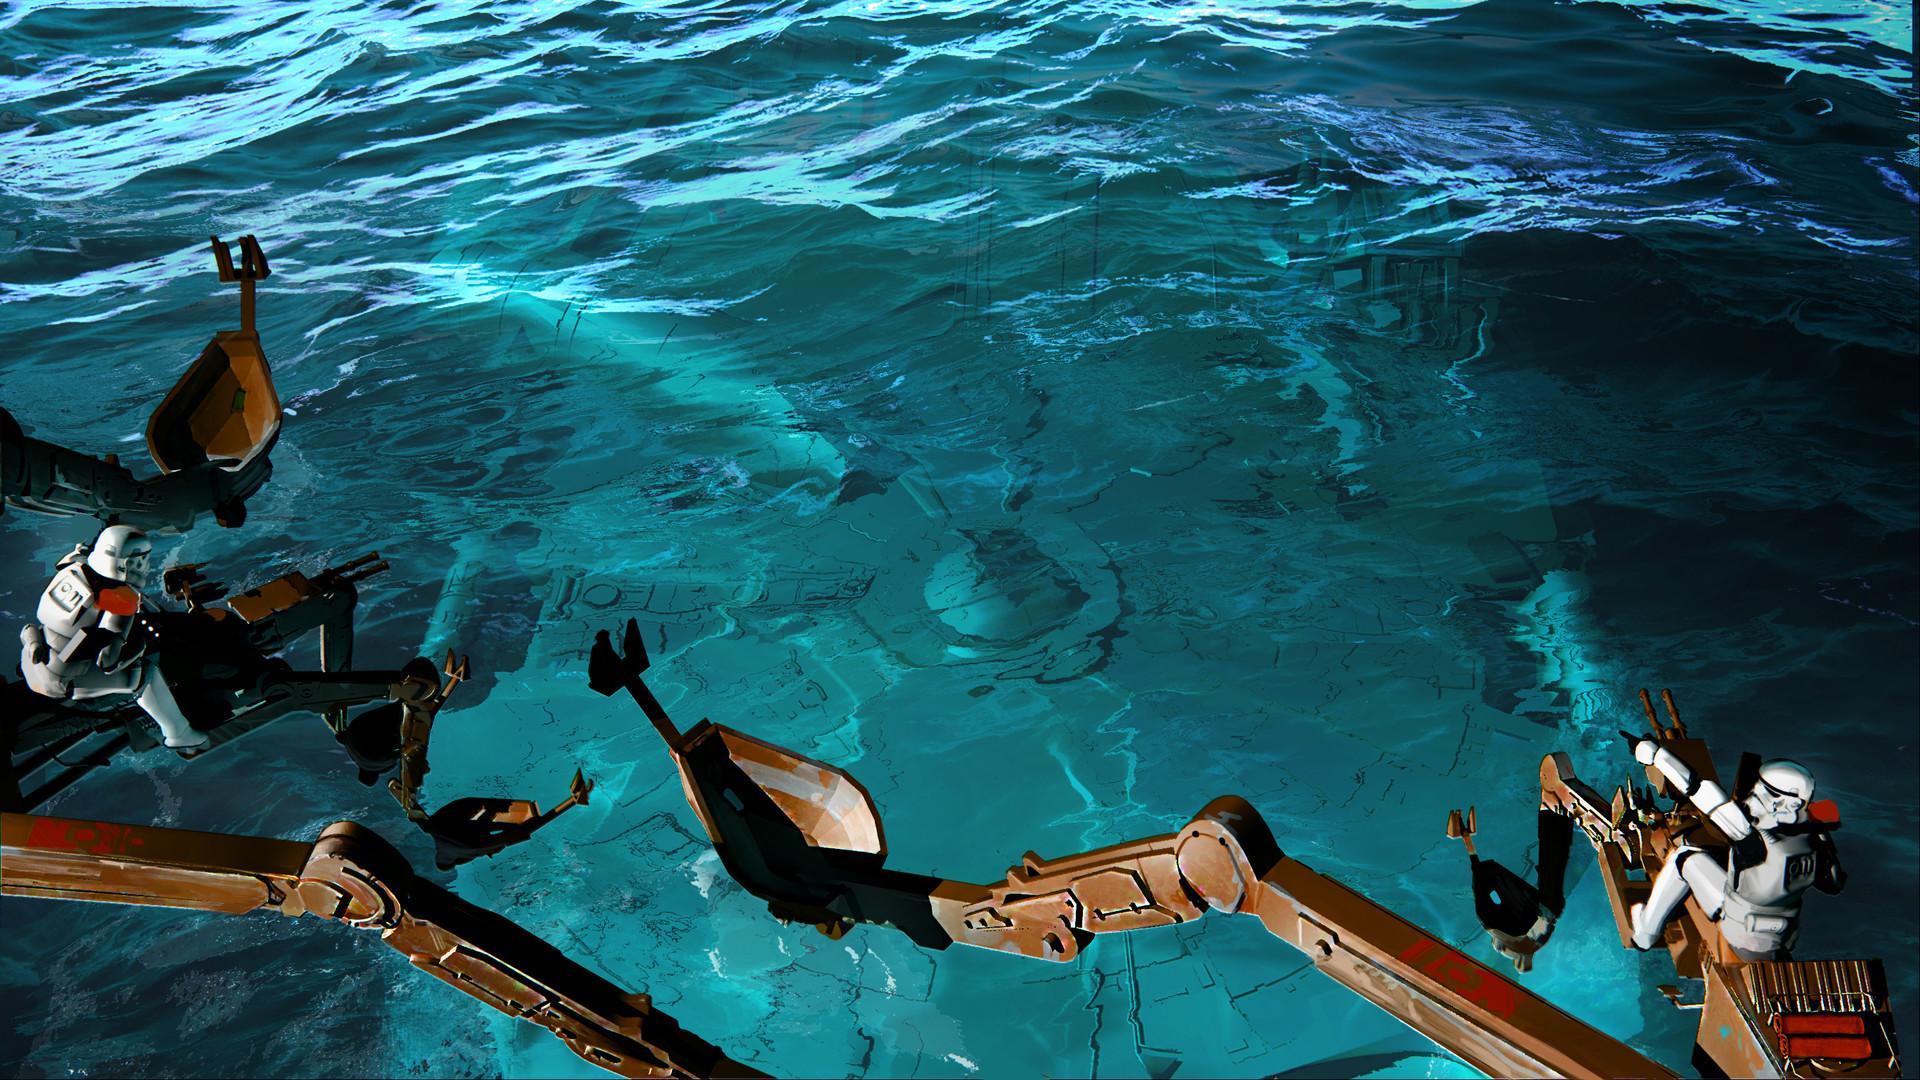 jacek-babinski-shark-underwater-4.jpg?14